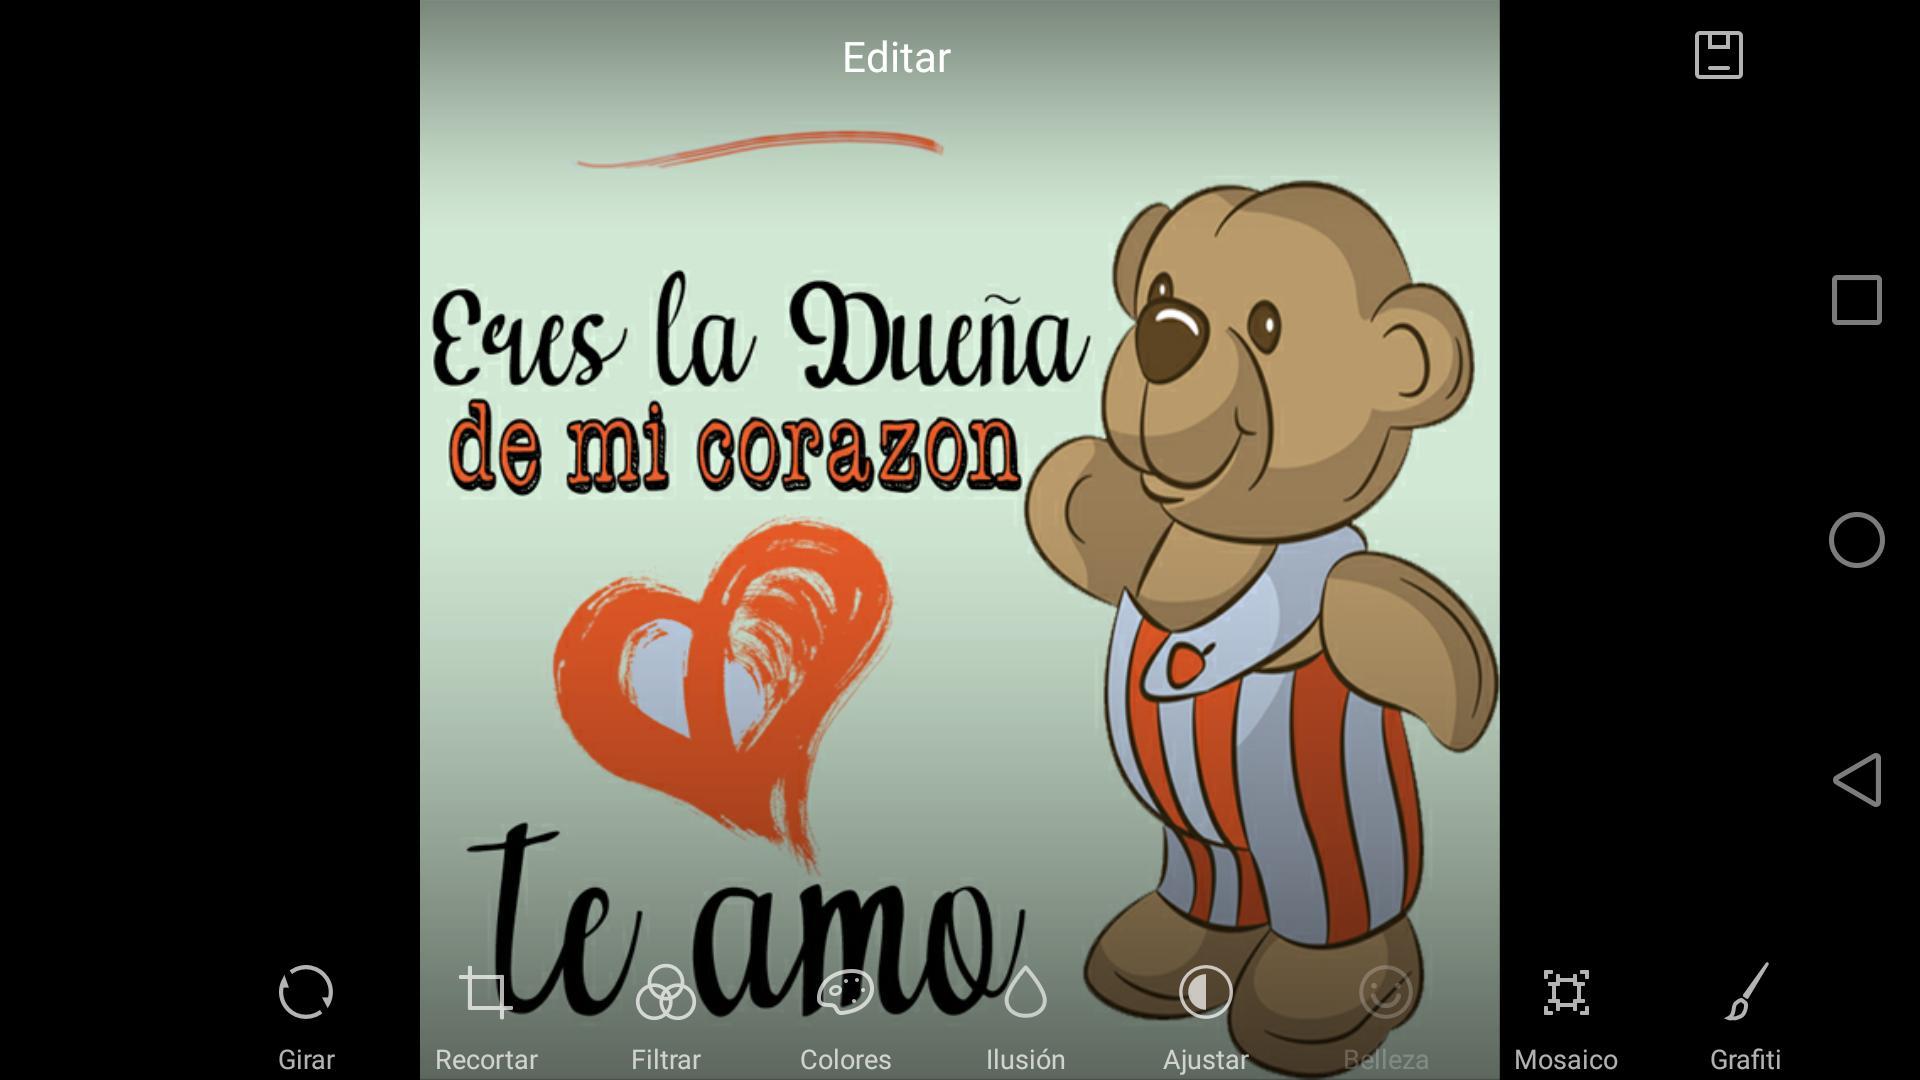 Ositos Con Frases De Amor для андроид скачать Apk